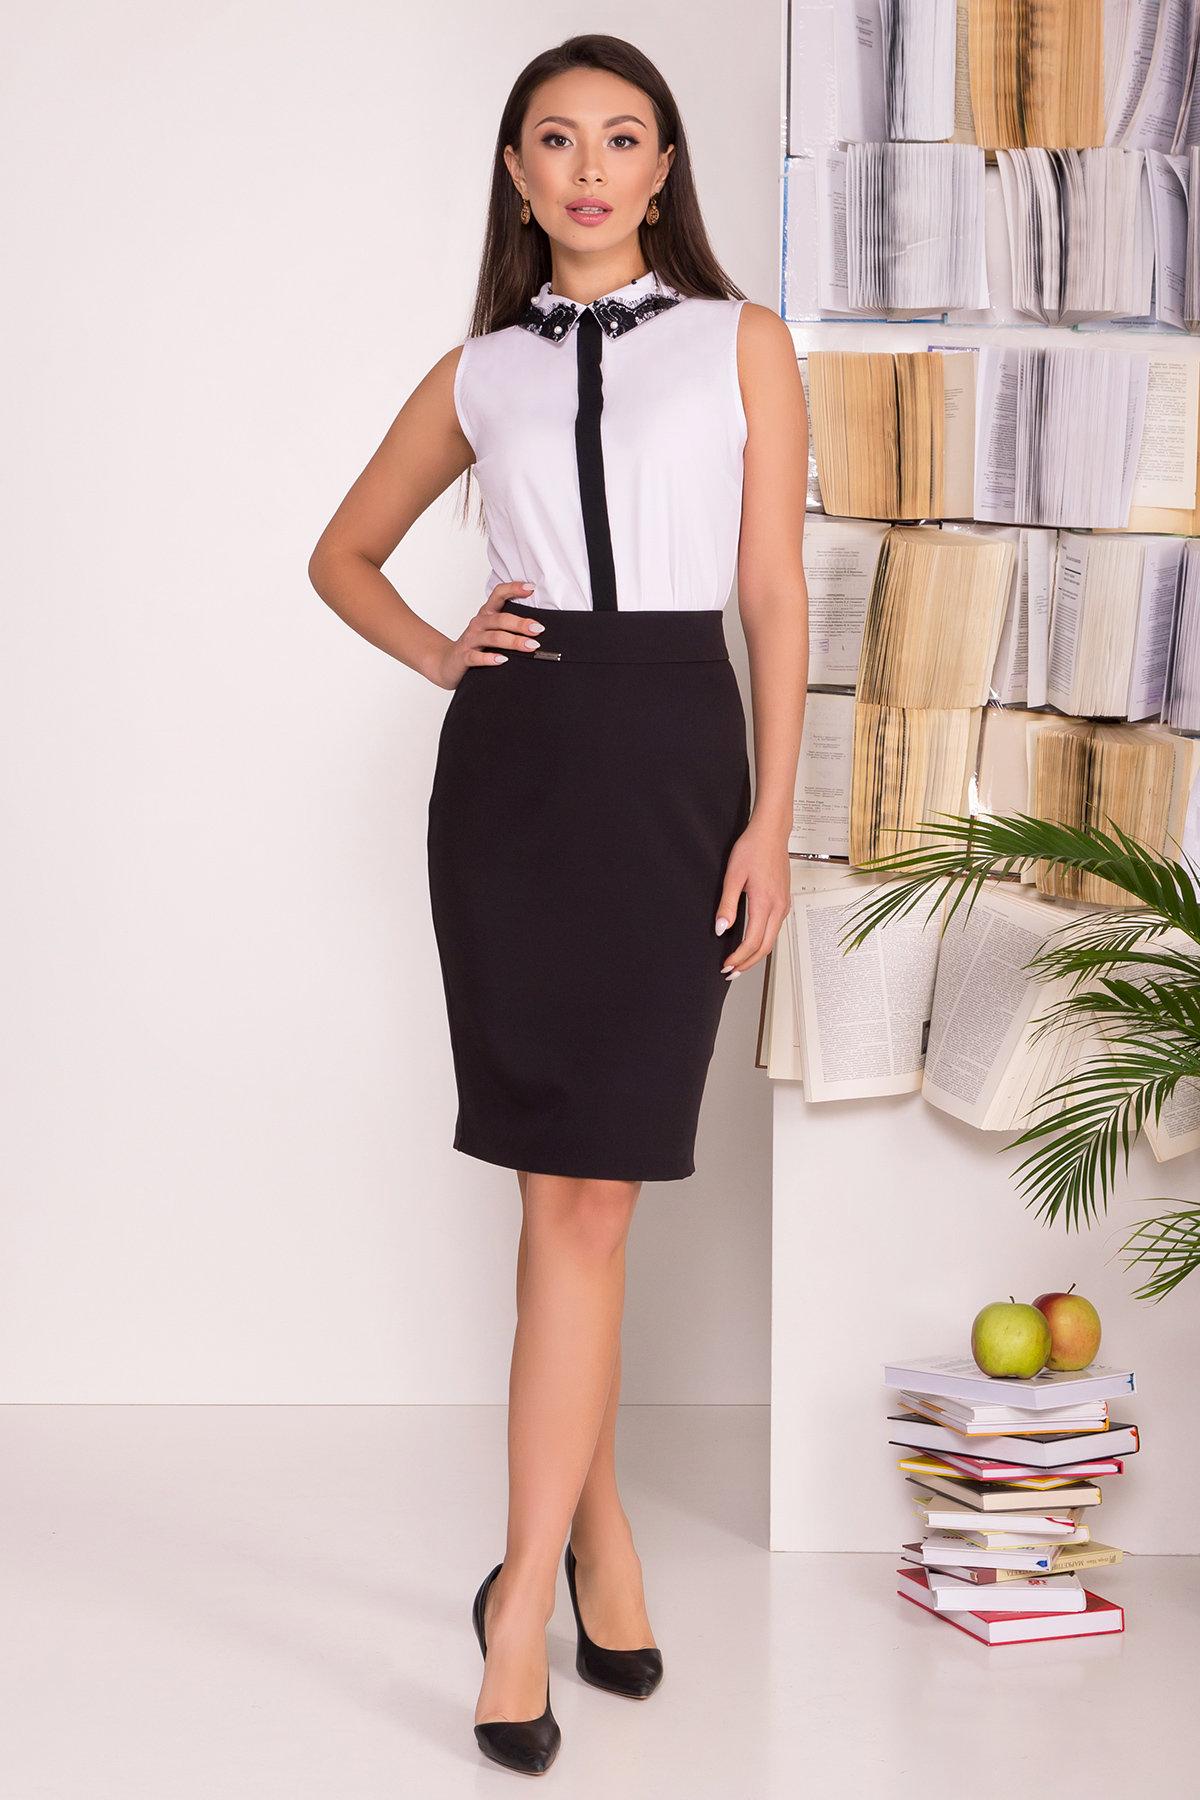 Блузка с вертикальной вставкой Мурия 5220 АРТ. 36304 Цвет: Белый - фото 6, интернет магазин tm-modus.ru